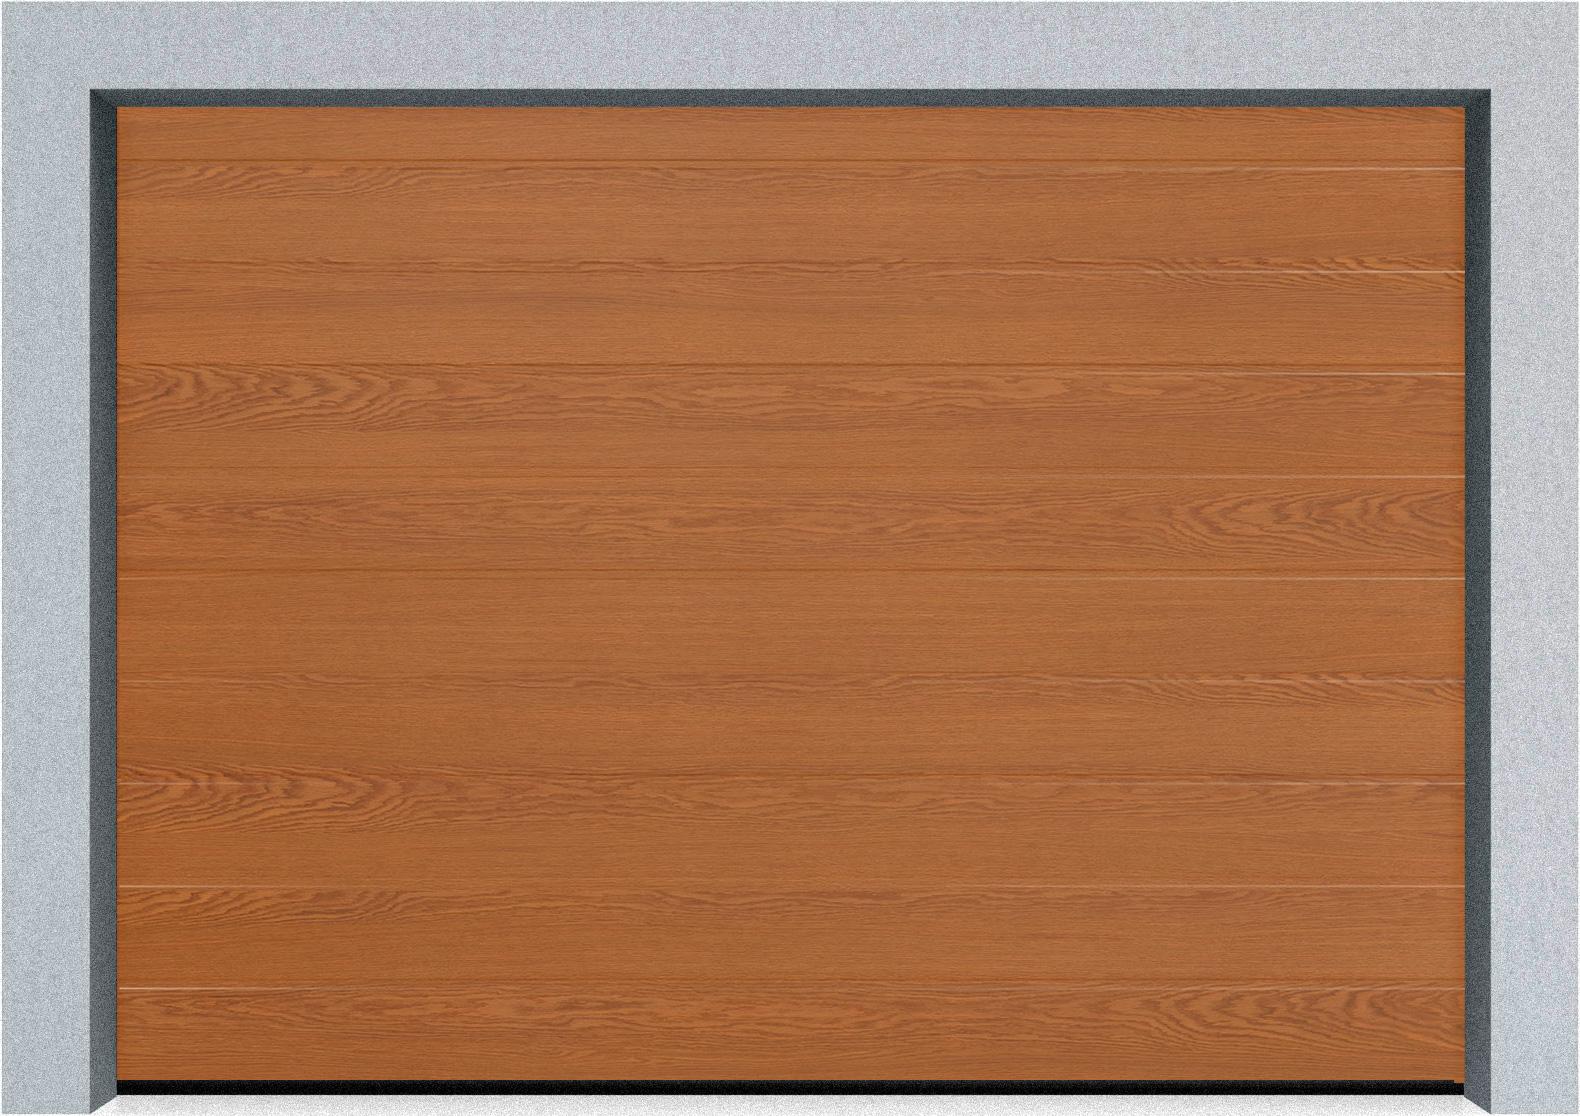 Секционные гаражные ворота Alutech Prestige 6000х3250 S-гофр, M-гофр, L-гофр цвета под дерево, торсионные пружины, фото 4